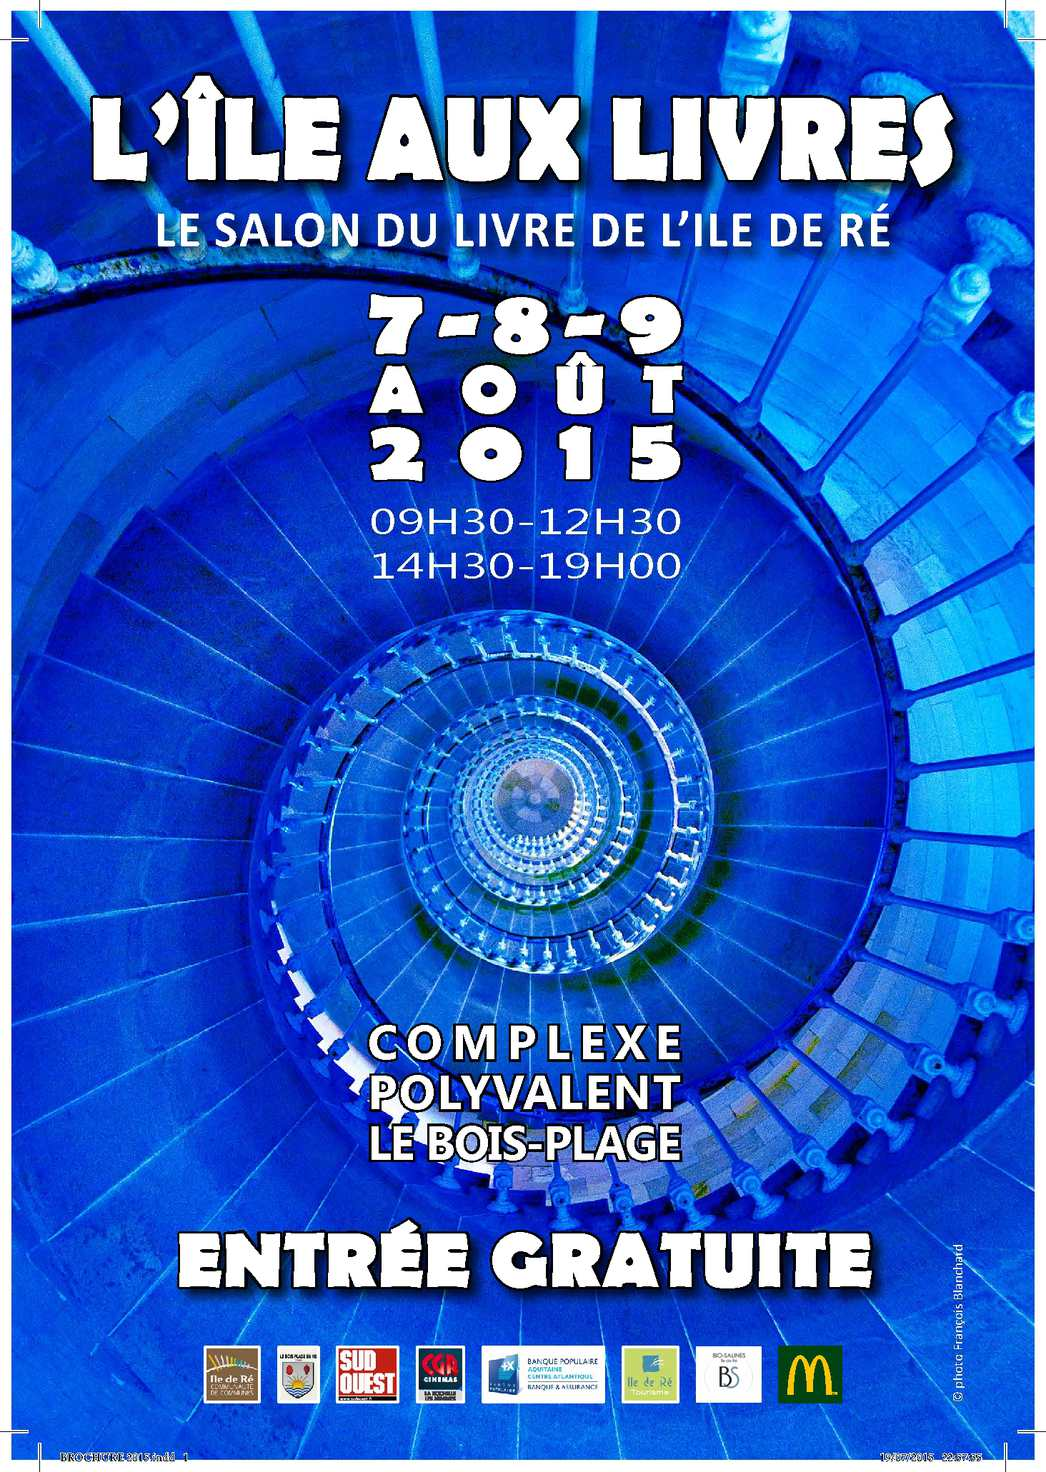 Calam o programme l 39 ile aux livres 2015 le salon du - Entree gratuite salon agriculture 2015 ...